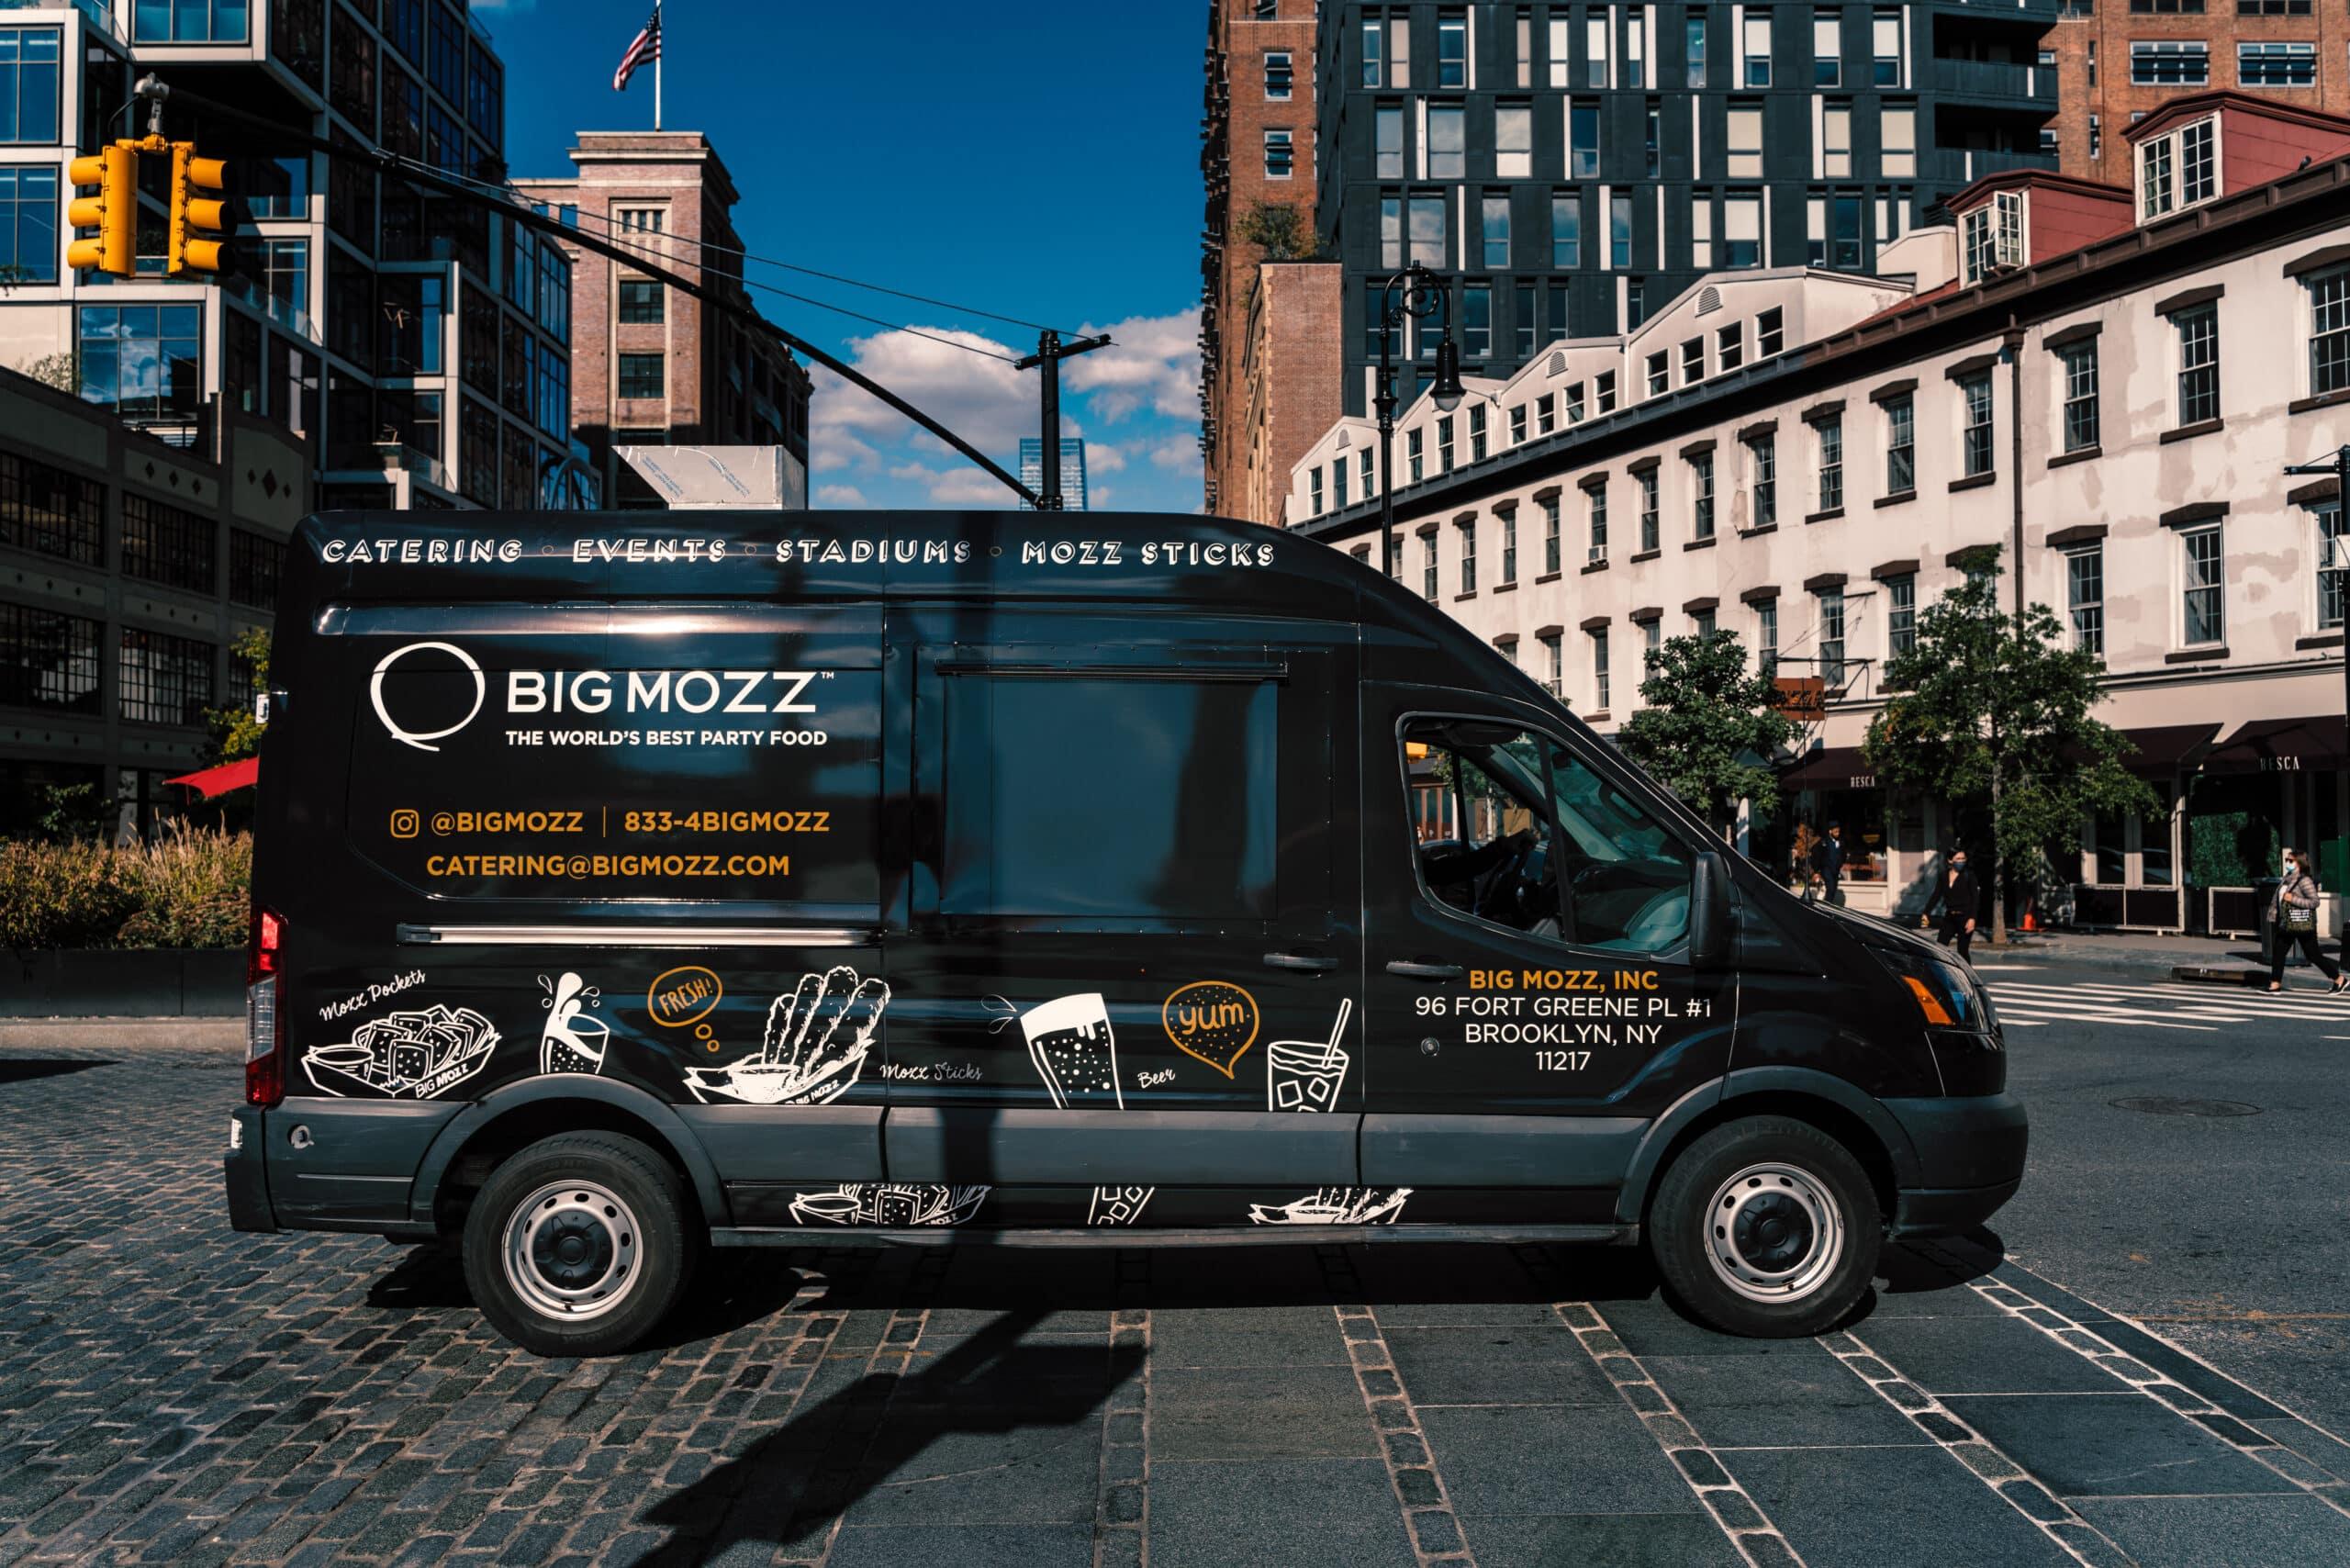 Big Mozz Food Truck